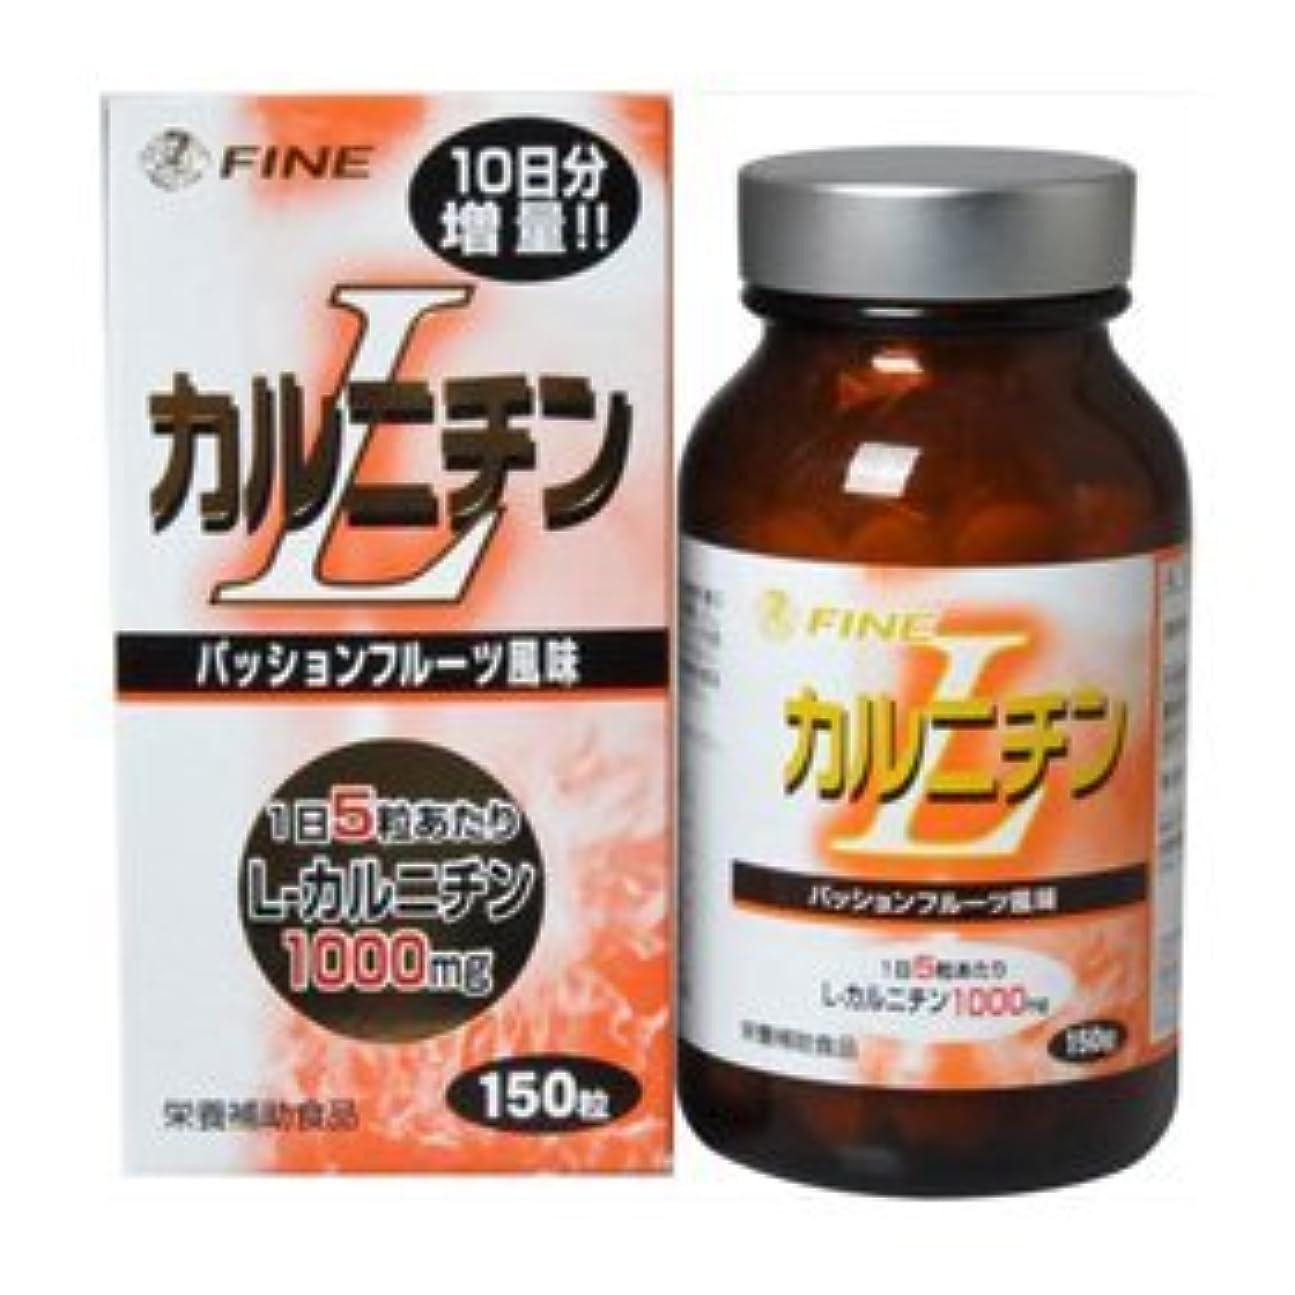 仲間用量届けるL-カルニチン 150粒(約1ヶ月分)